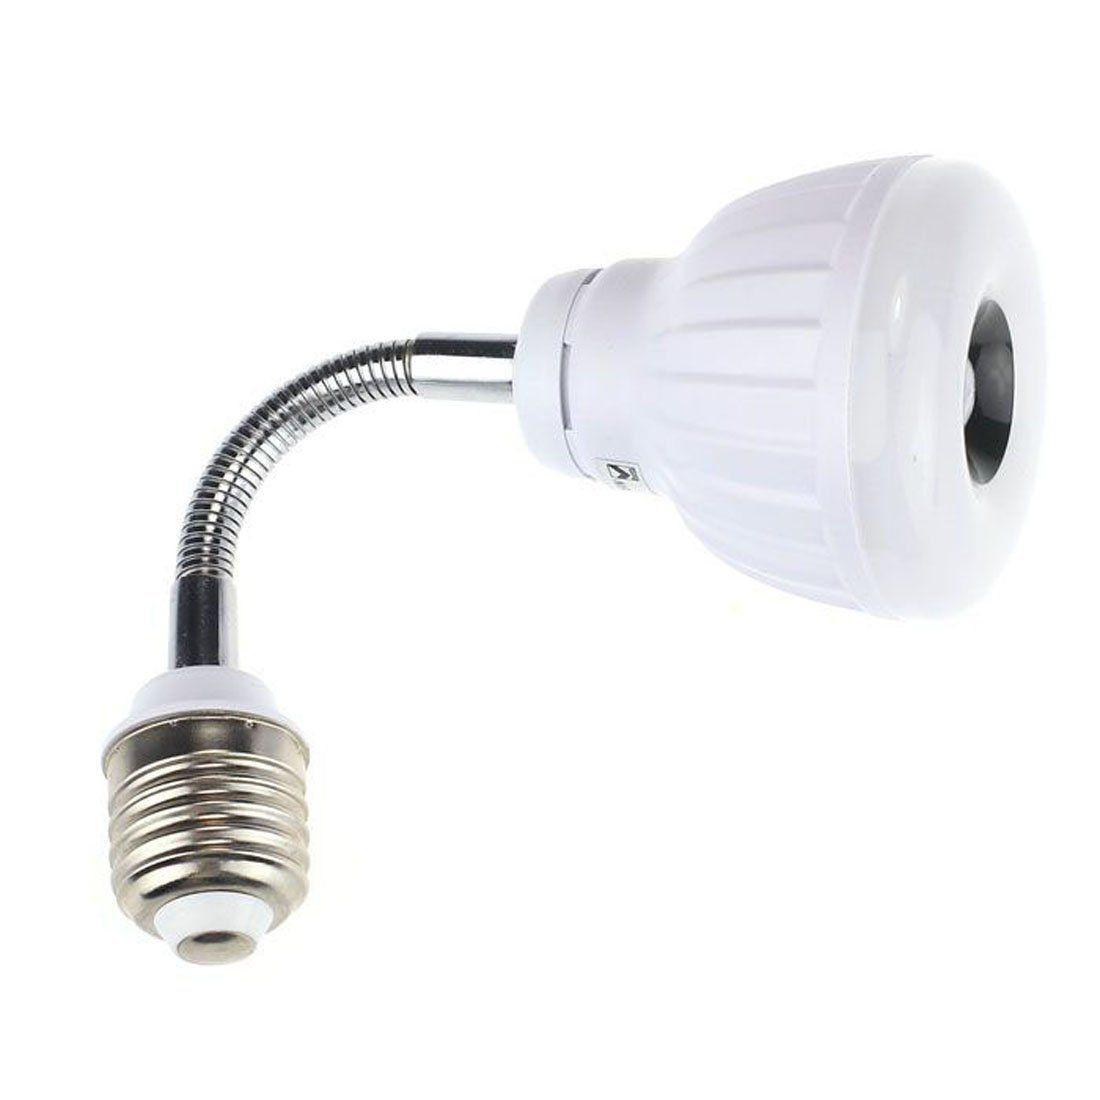 Bessky Sensor Light Ac 110v 220v E27 5w Led Pir Infrared Sensor Motion Detector Light Bulb Lamp White Insider Light Sensor Motion Detector Light Bulb Lamp